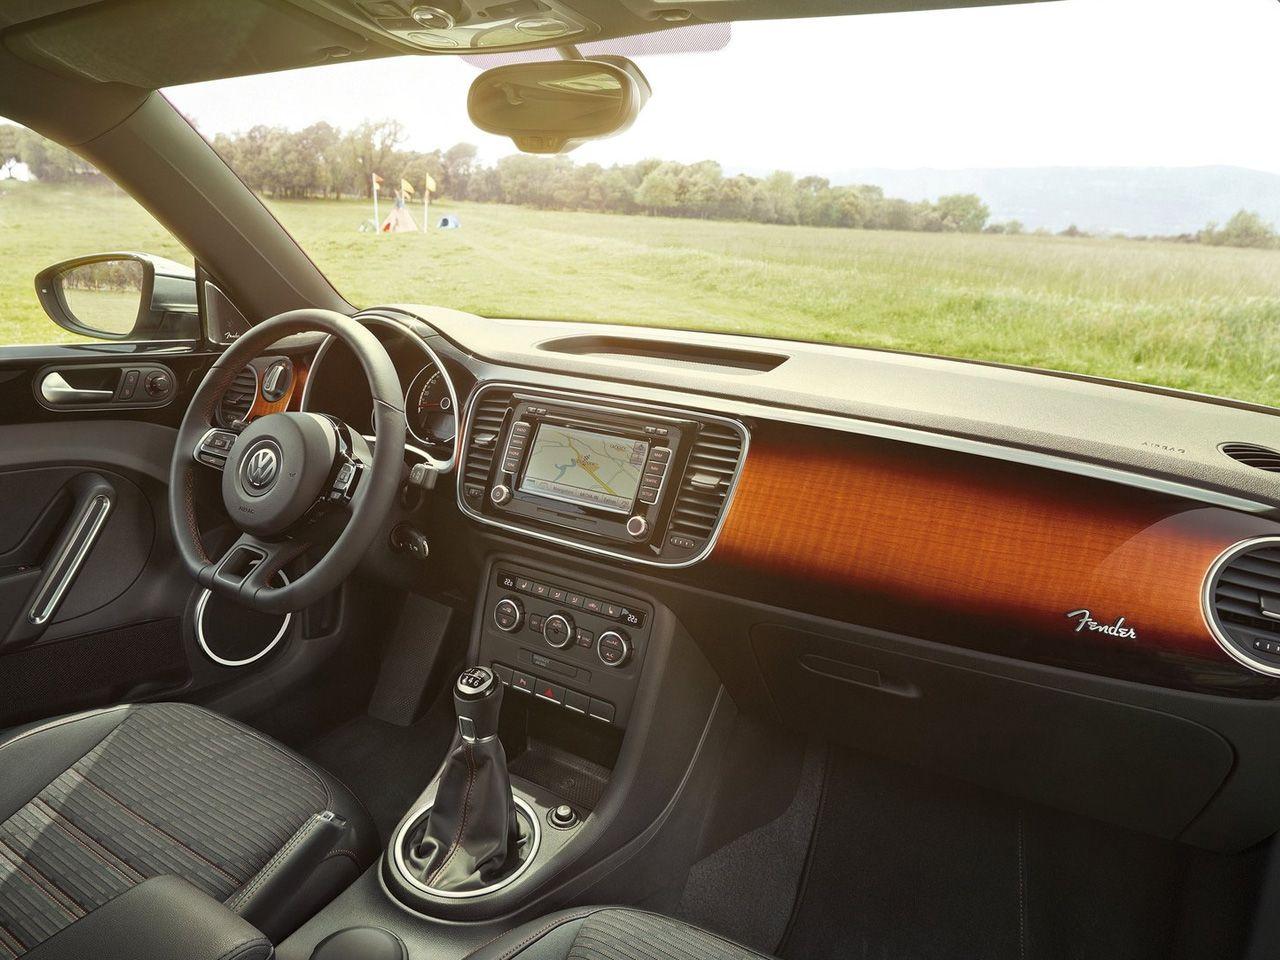 2013 Volkswagen Beetle Fender Edition Sunburst dash